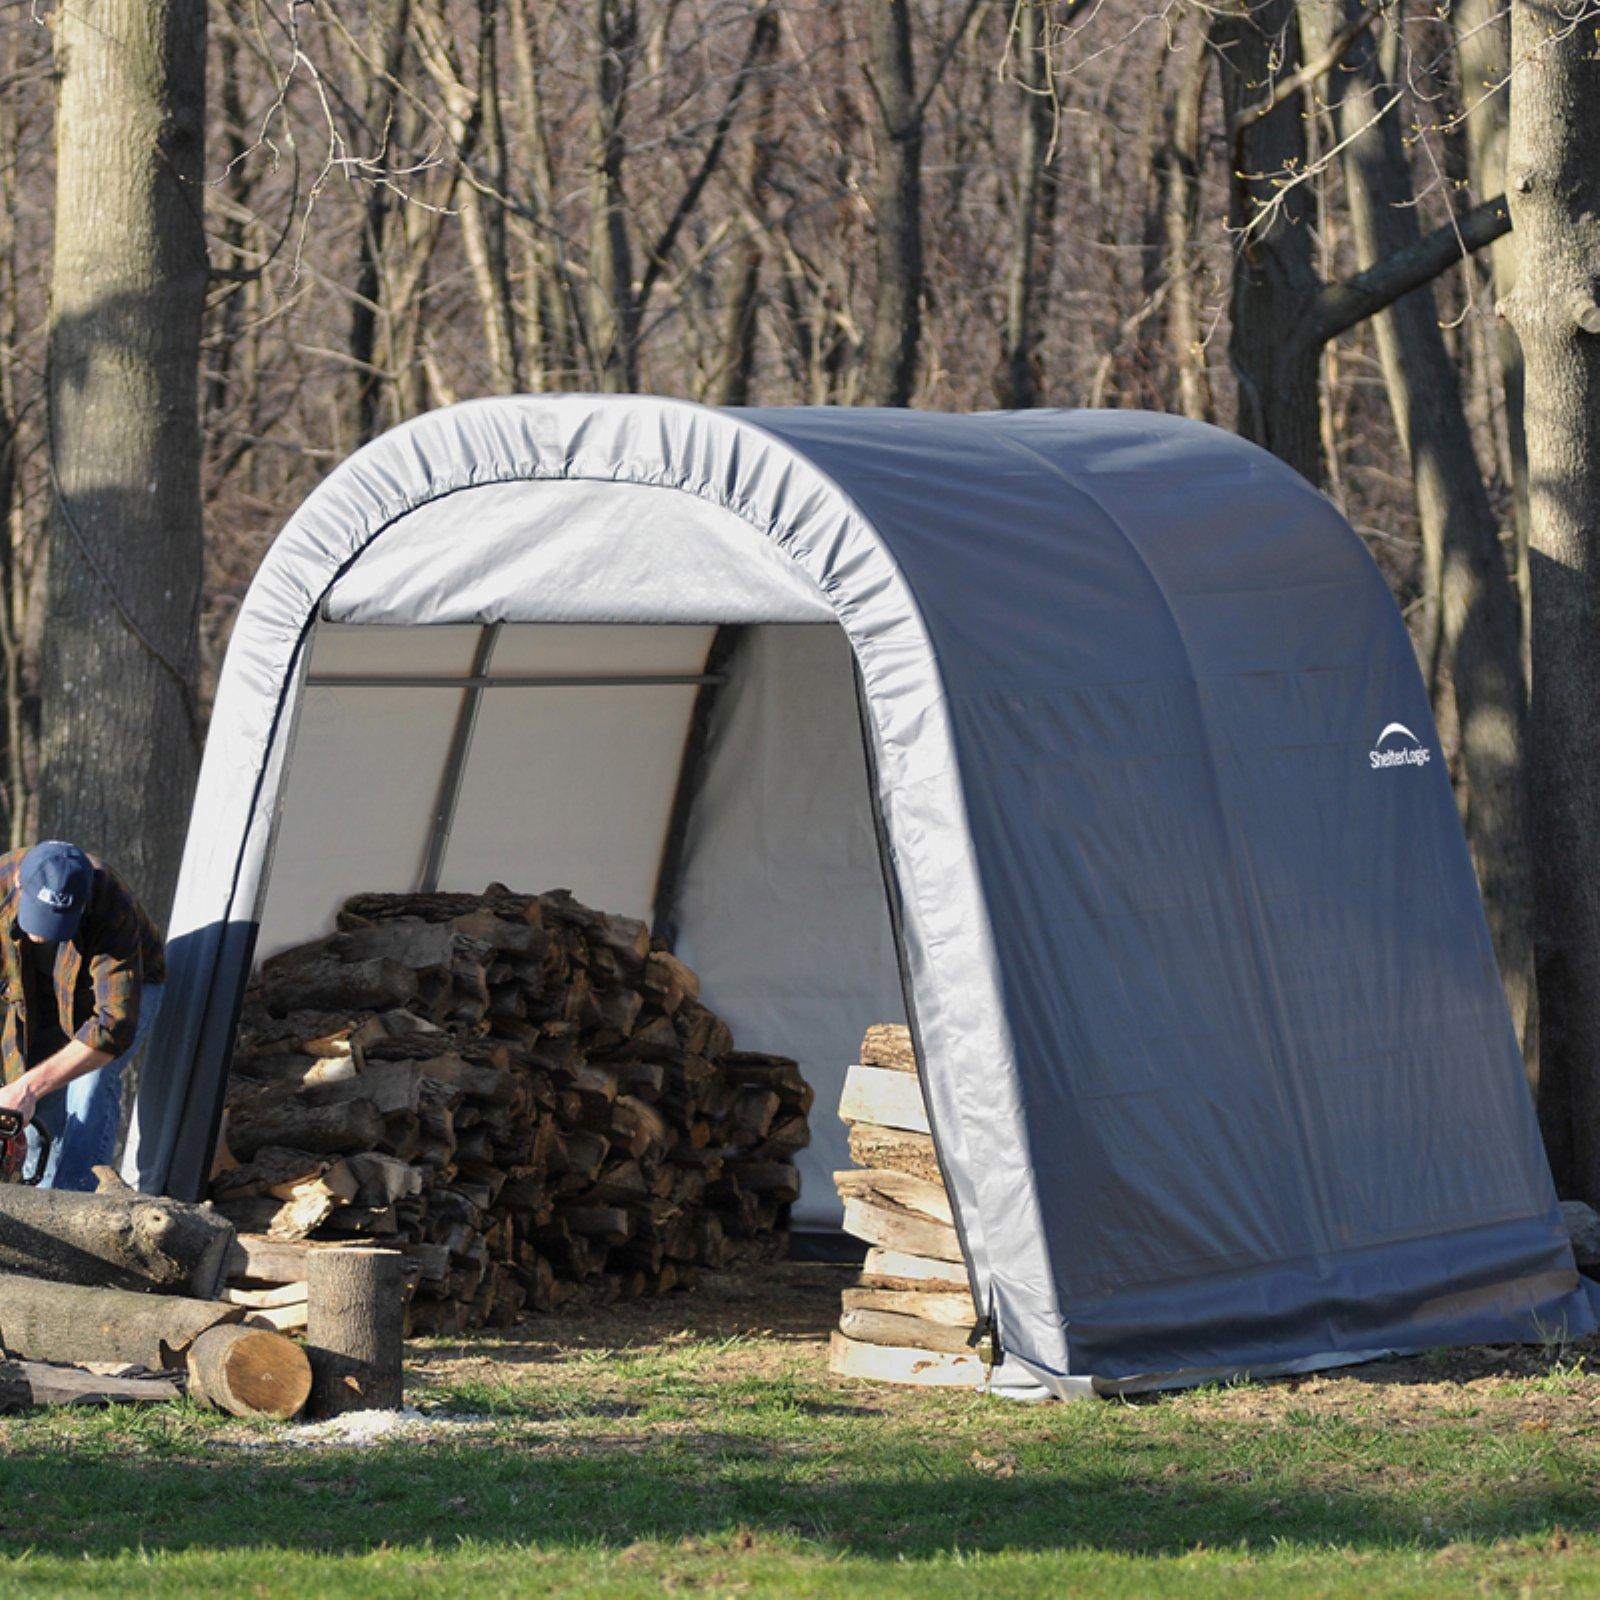 Shelterlogic 11' x 8' x 10' Round Style Shelter, Gray